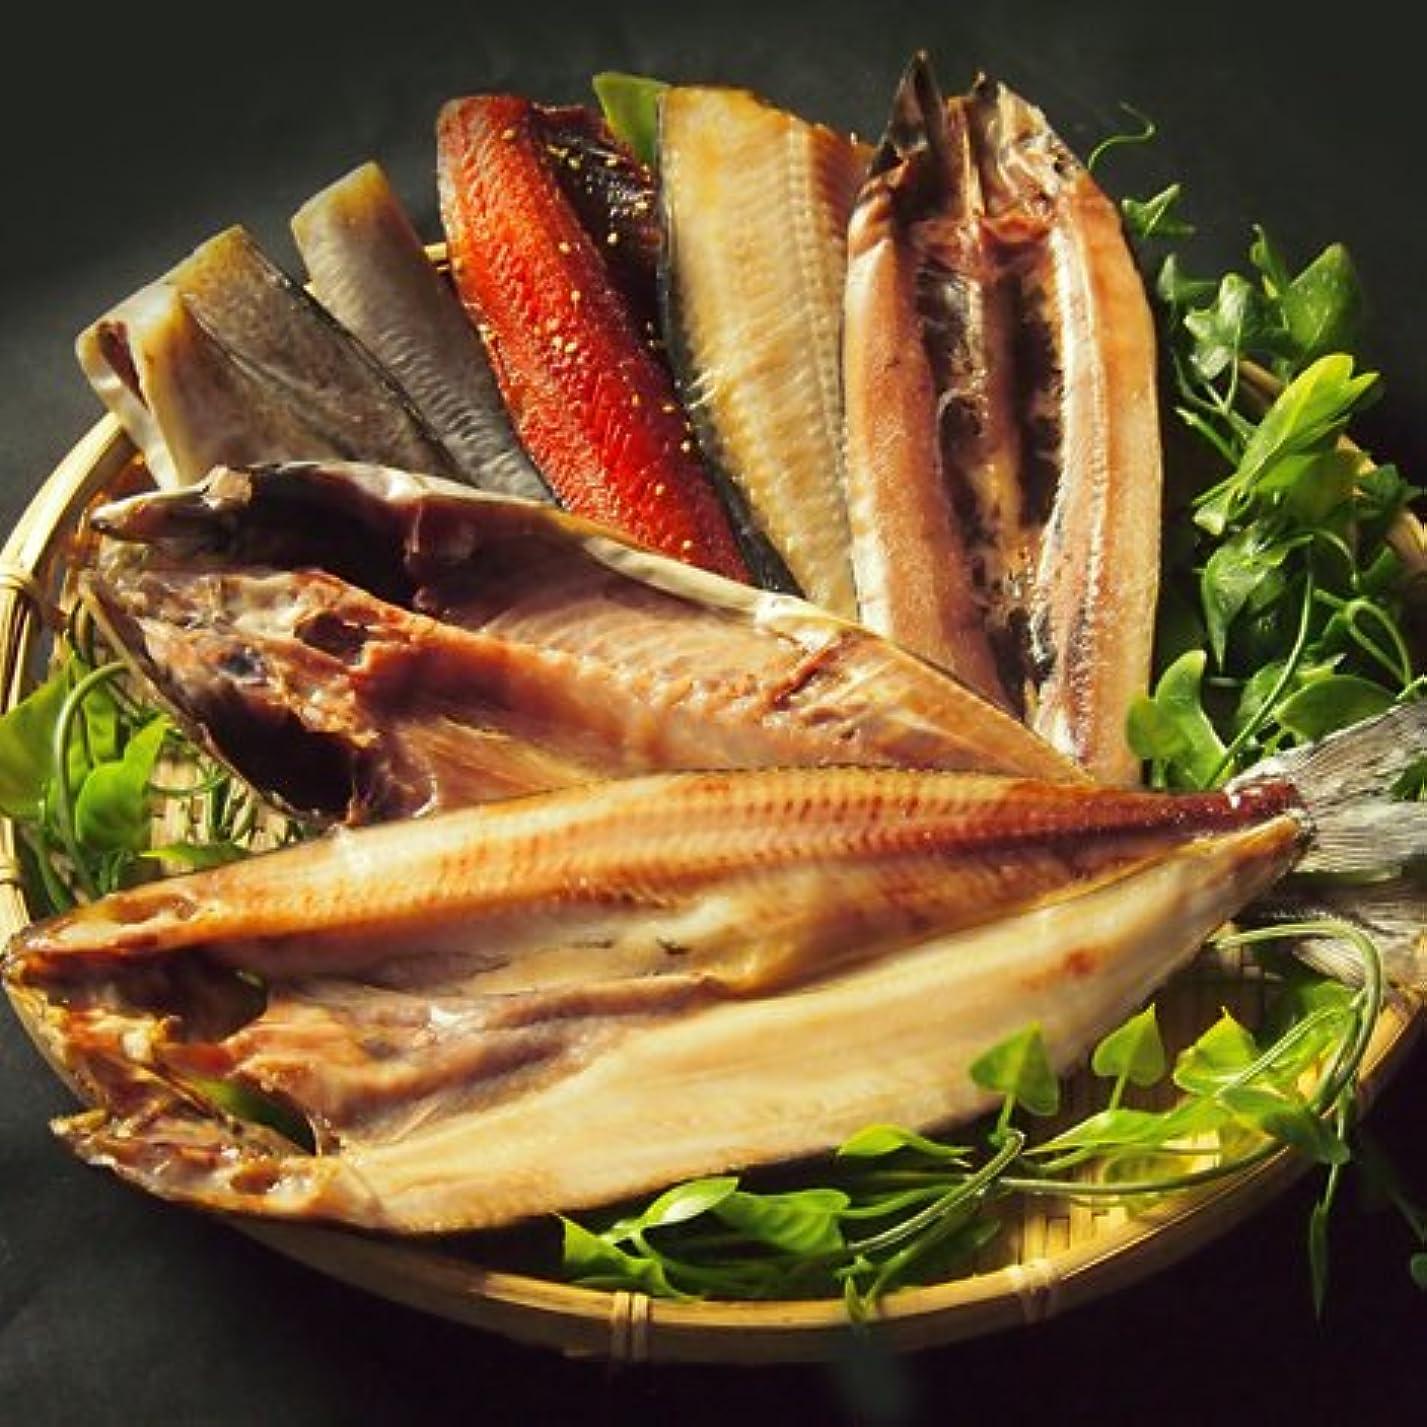 料理をする毎回キネマティクスお歳暮 ギフト 送料無料 北海道直送 厳選6種干物セット ギフト プレゼント